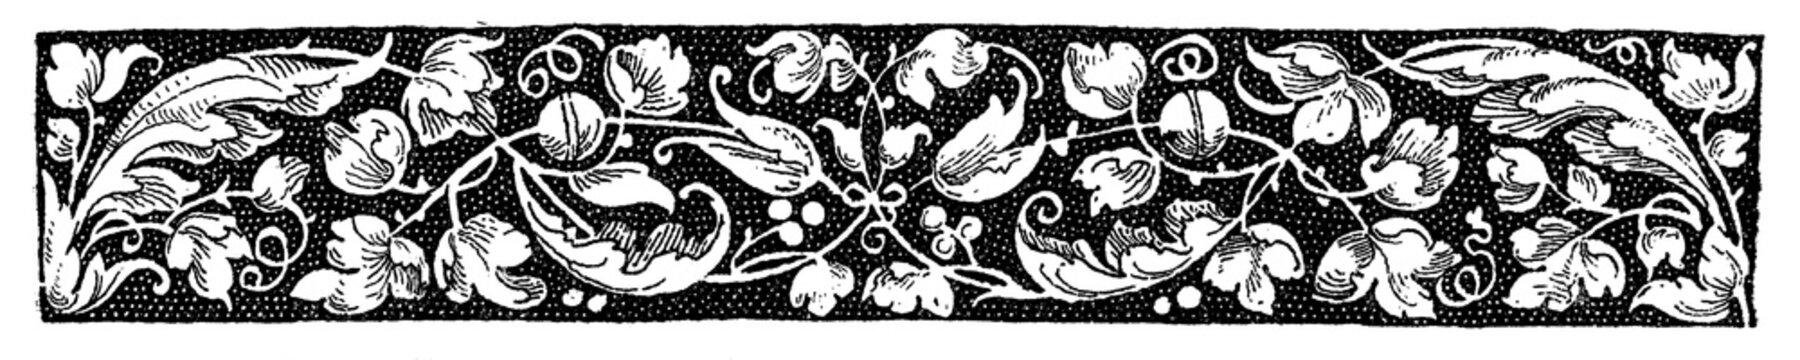 Typographic decorative border from  XVI century